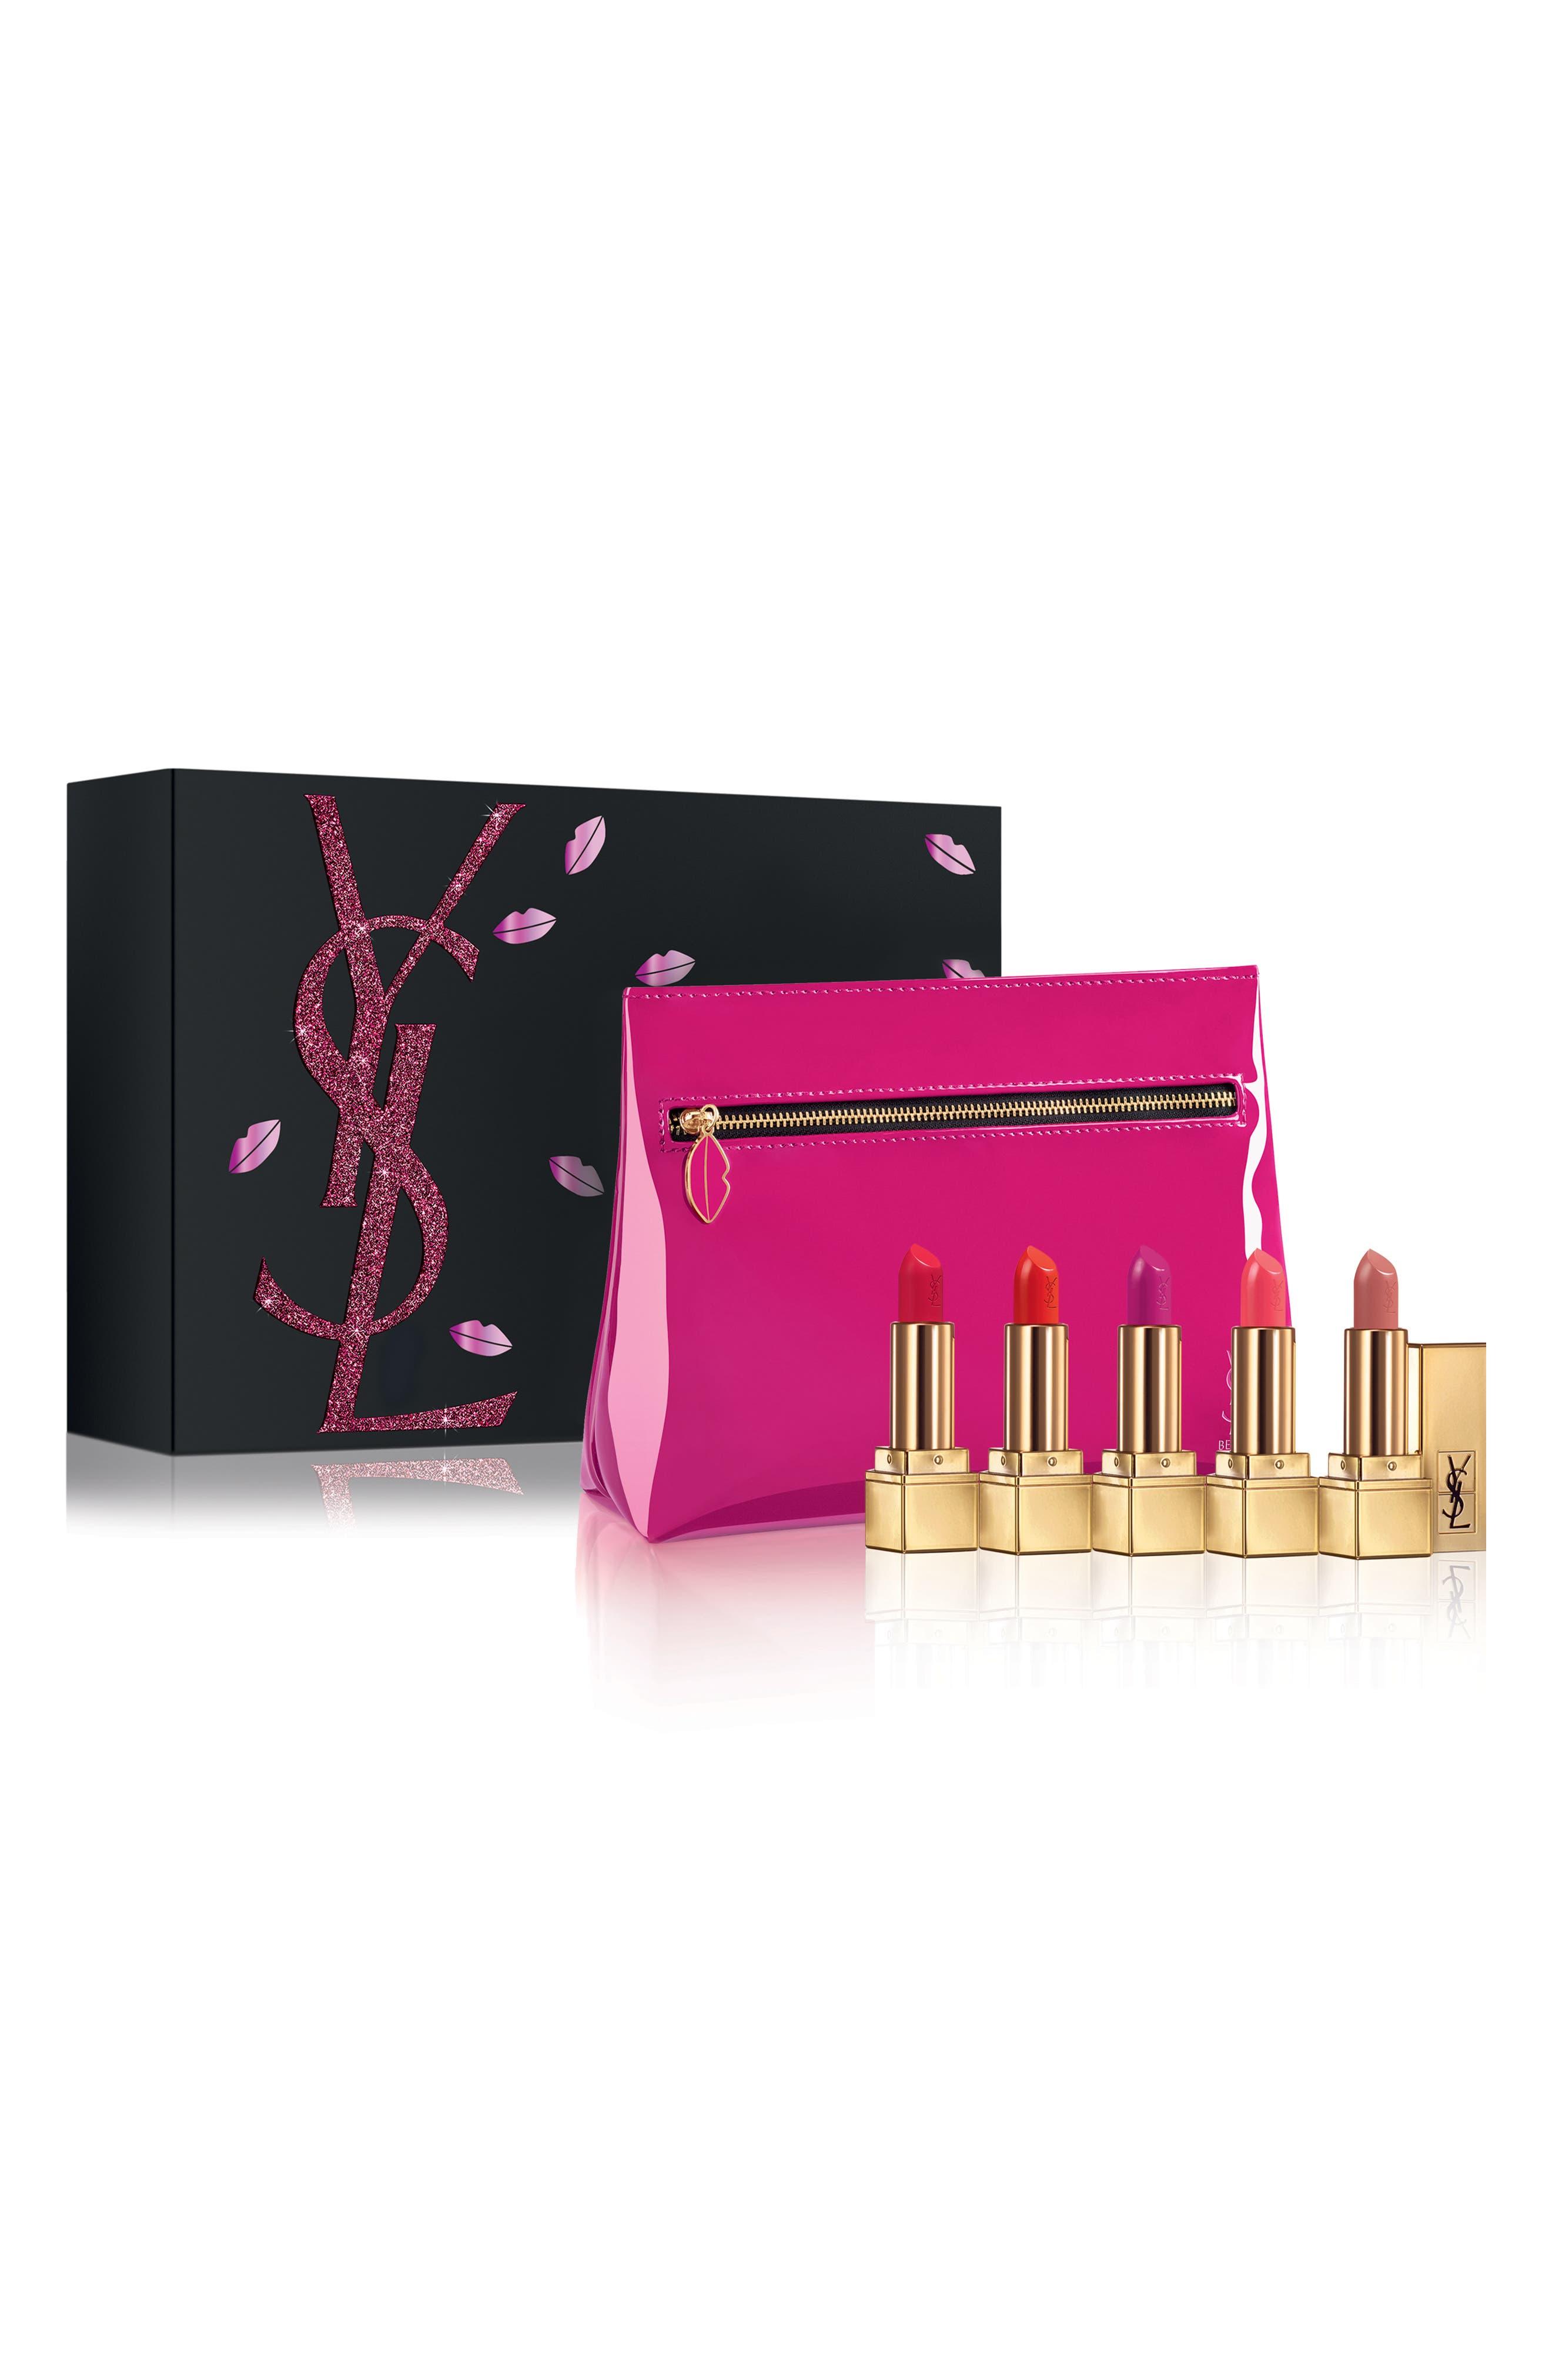 Mini Rouge Pur Couture Lipstick Set,                             Main thumbnail 1, color,                             NO COLOR